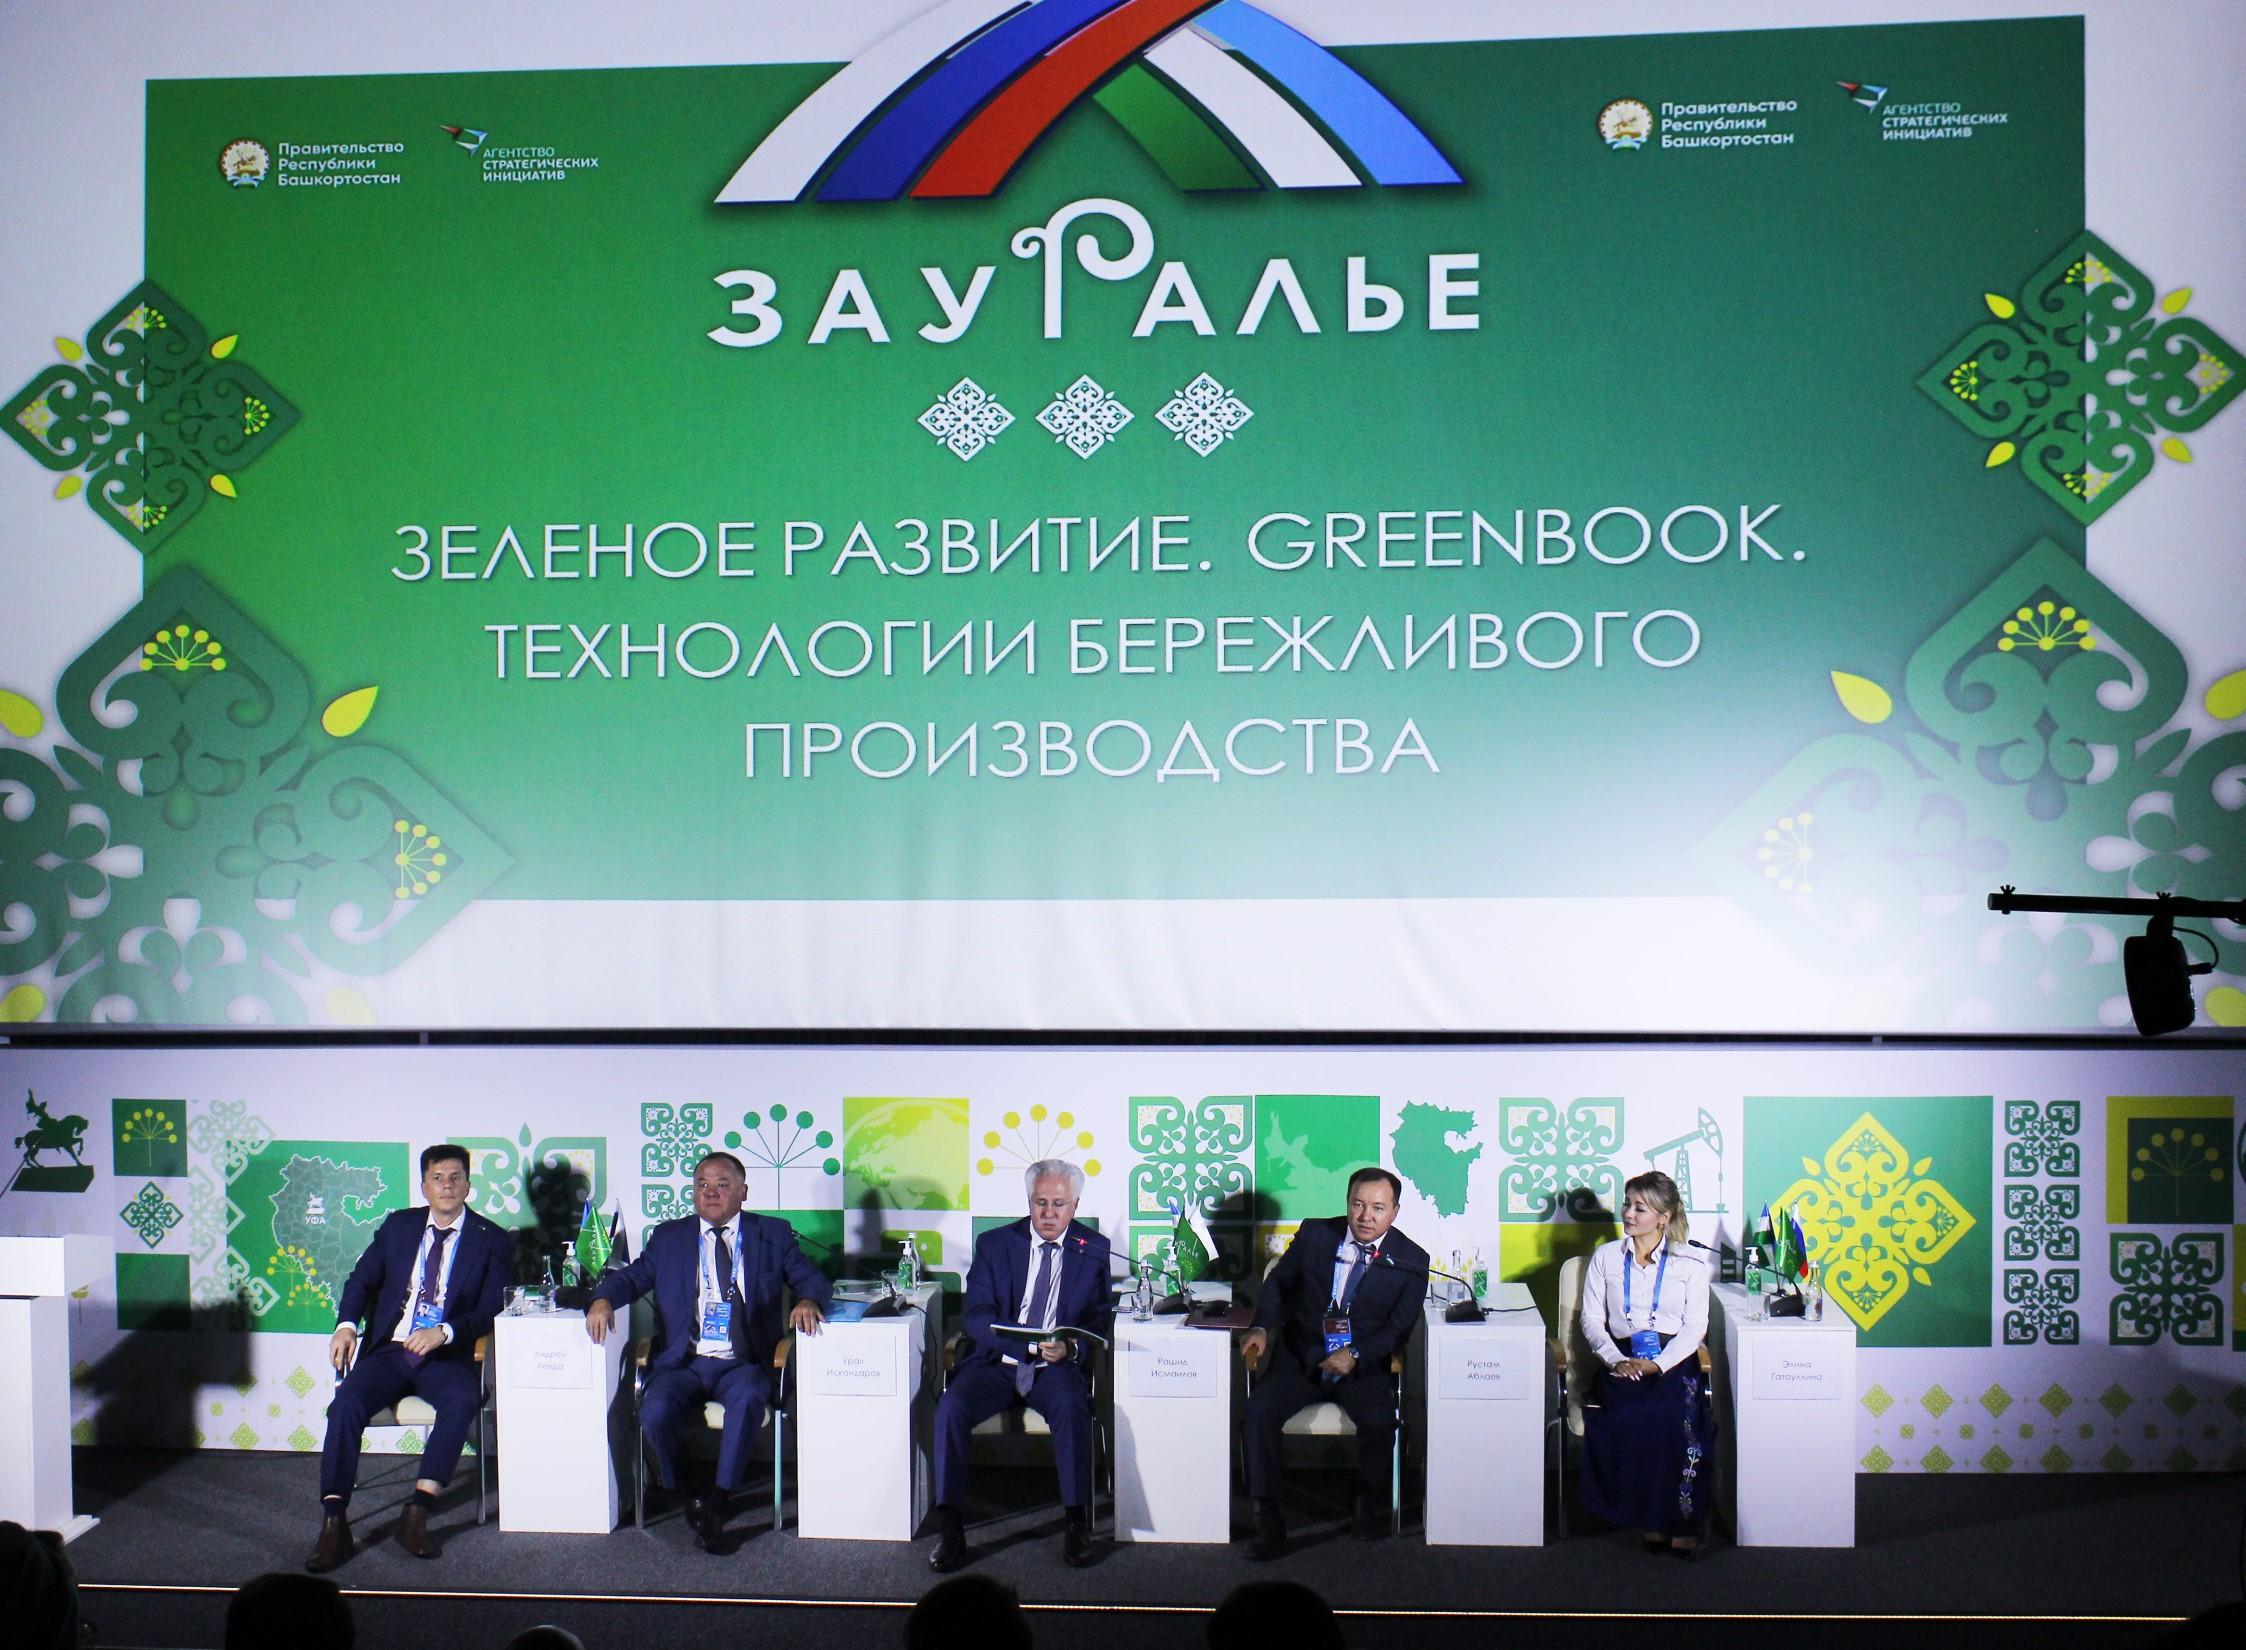 Российское экологическое общество выступило организатором «зеленой» сессии на III Всероссийском инвестиционном сабантуе «Зауралье-2021»